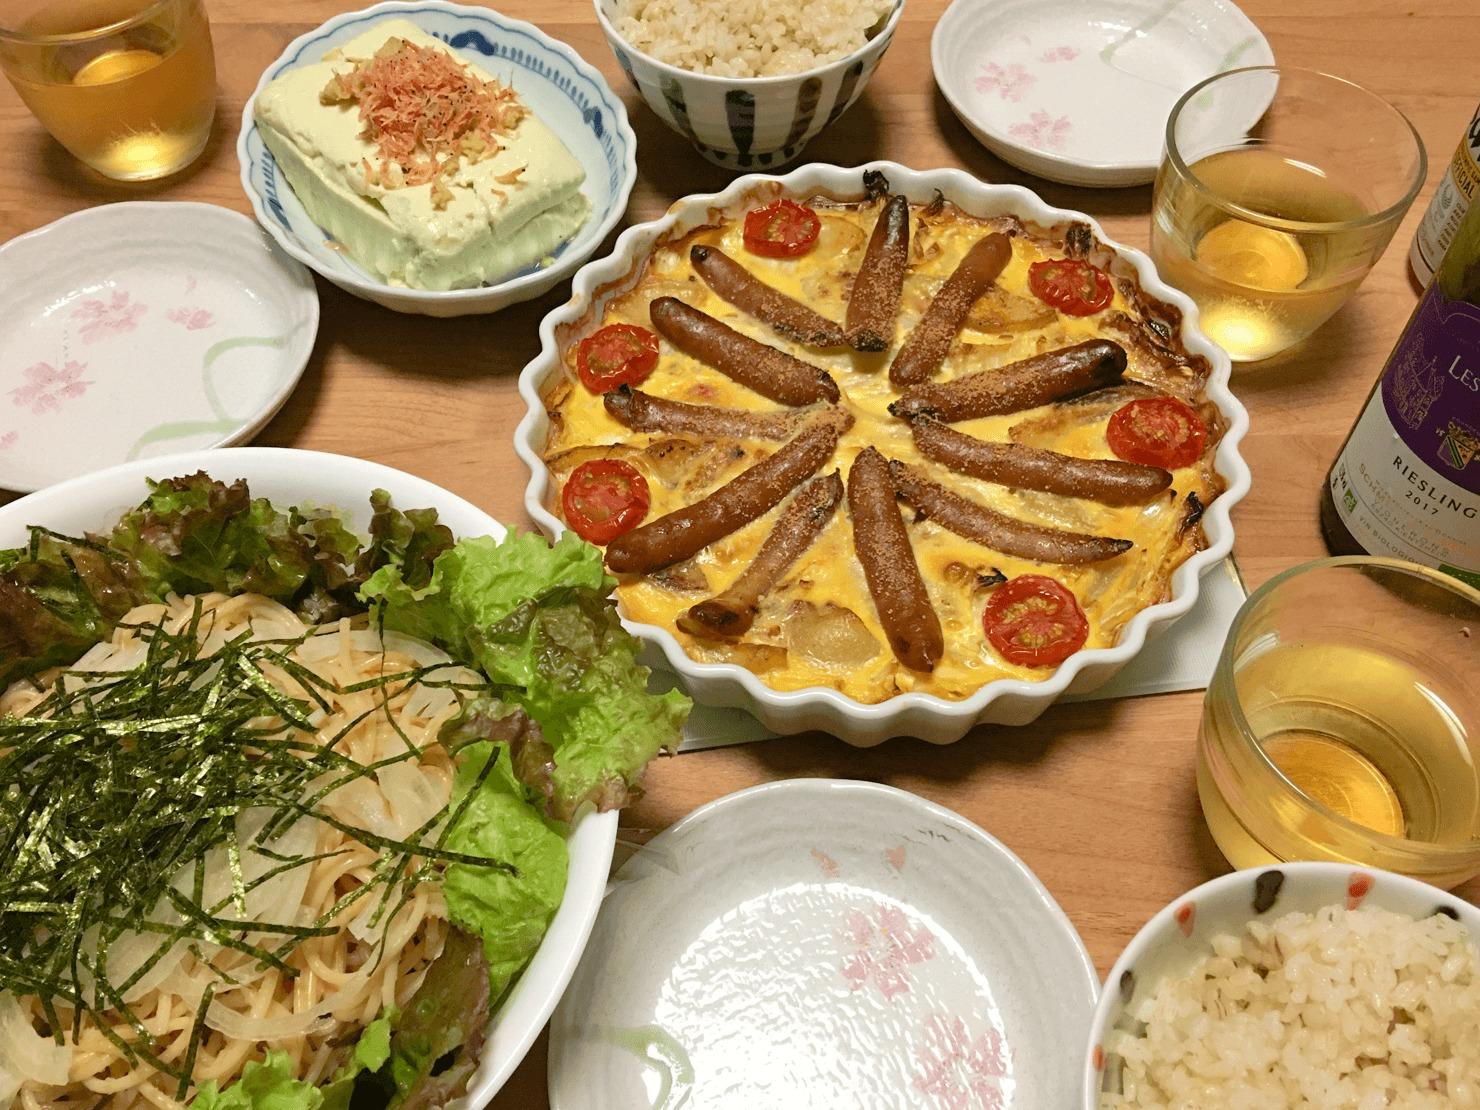 キャベツのキッシュ中心の晩御飯の写真